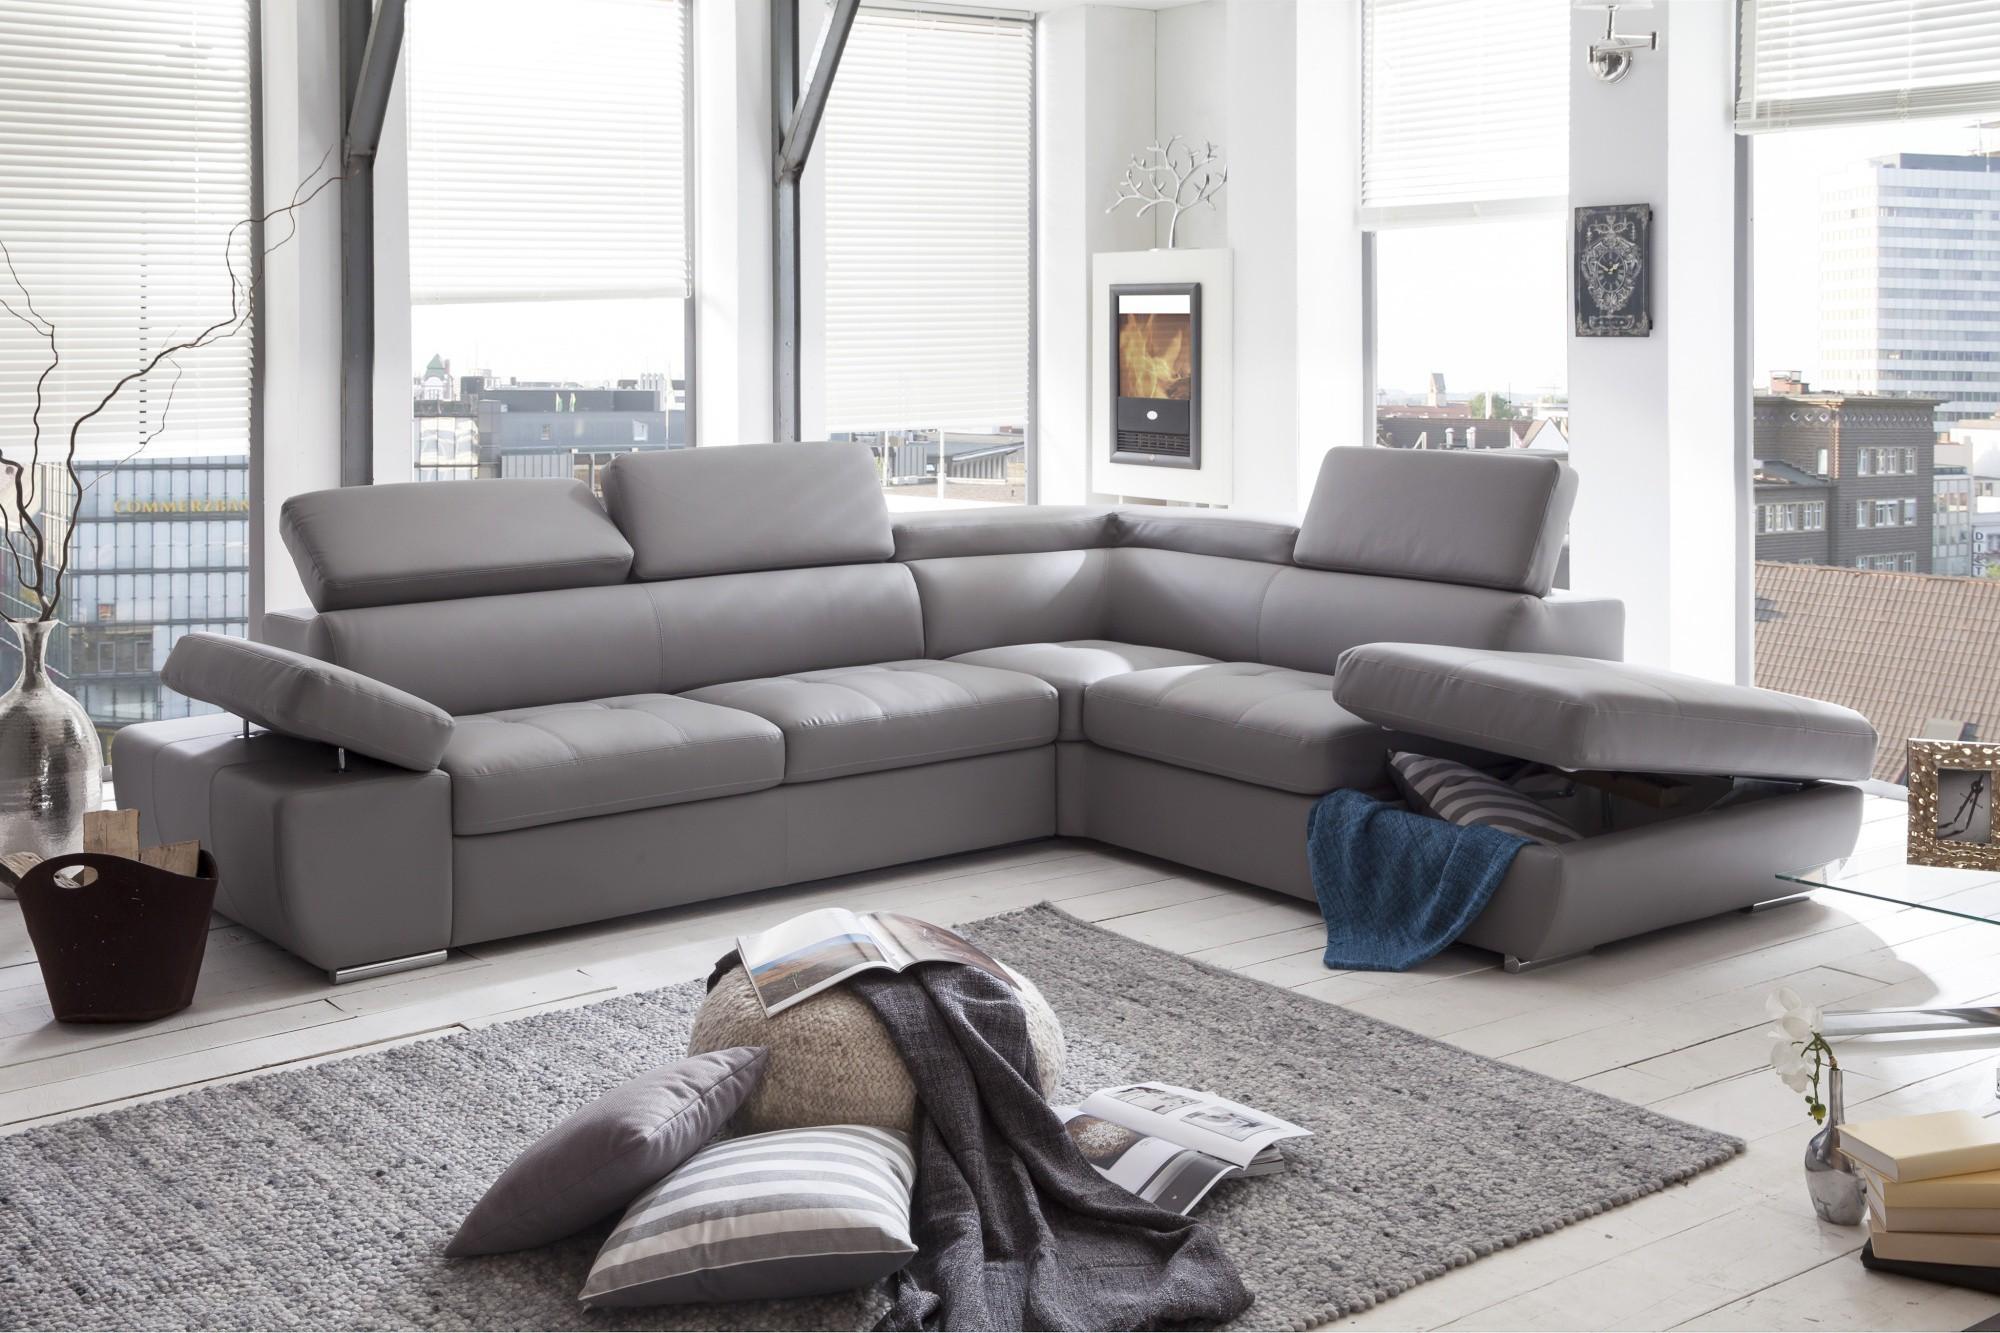 Canapé D'angle Simili Cuir Gris